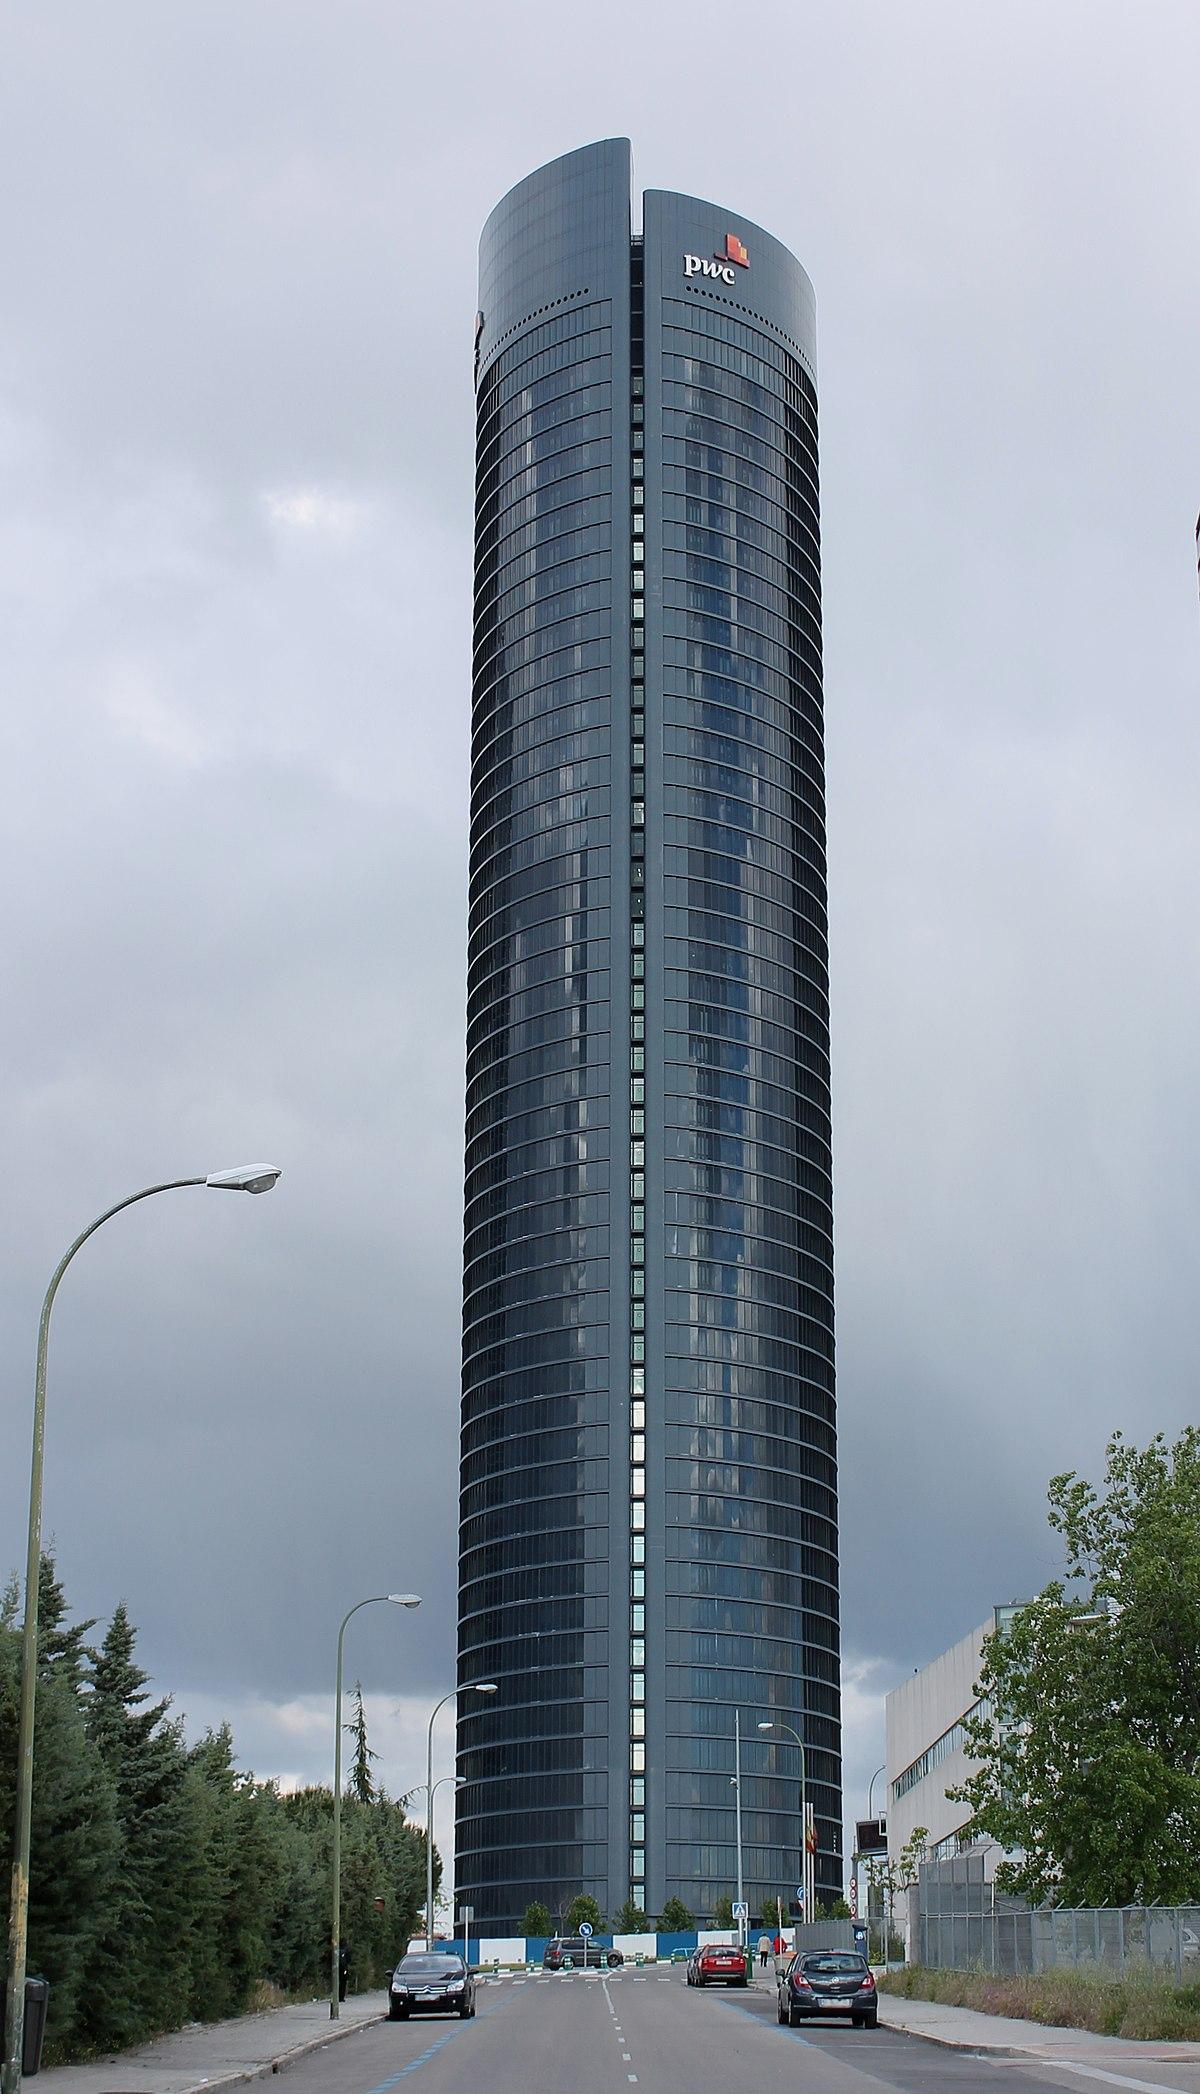 Torre pwc wikipedia la enciclopedia libre - Oficinas de iberdrola en madrid ...